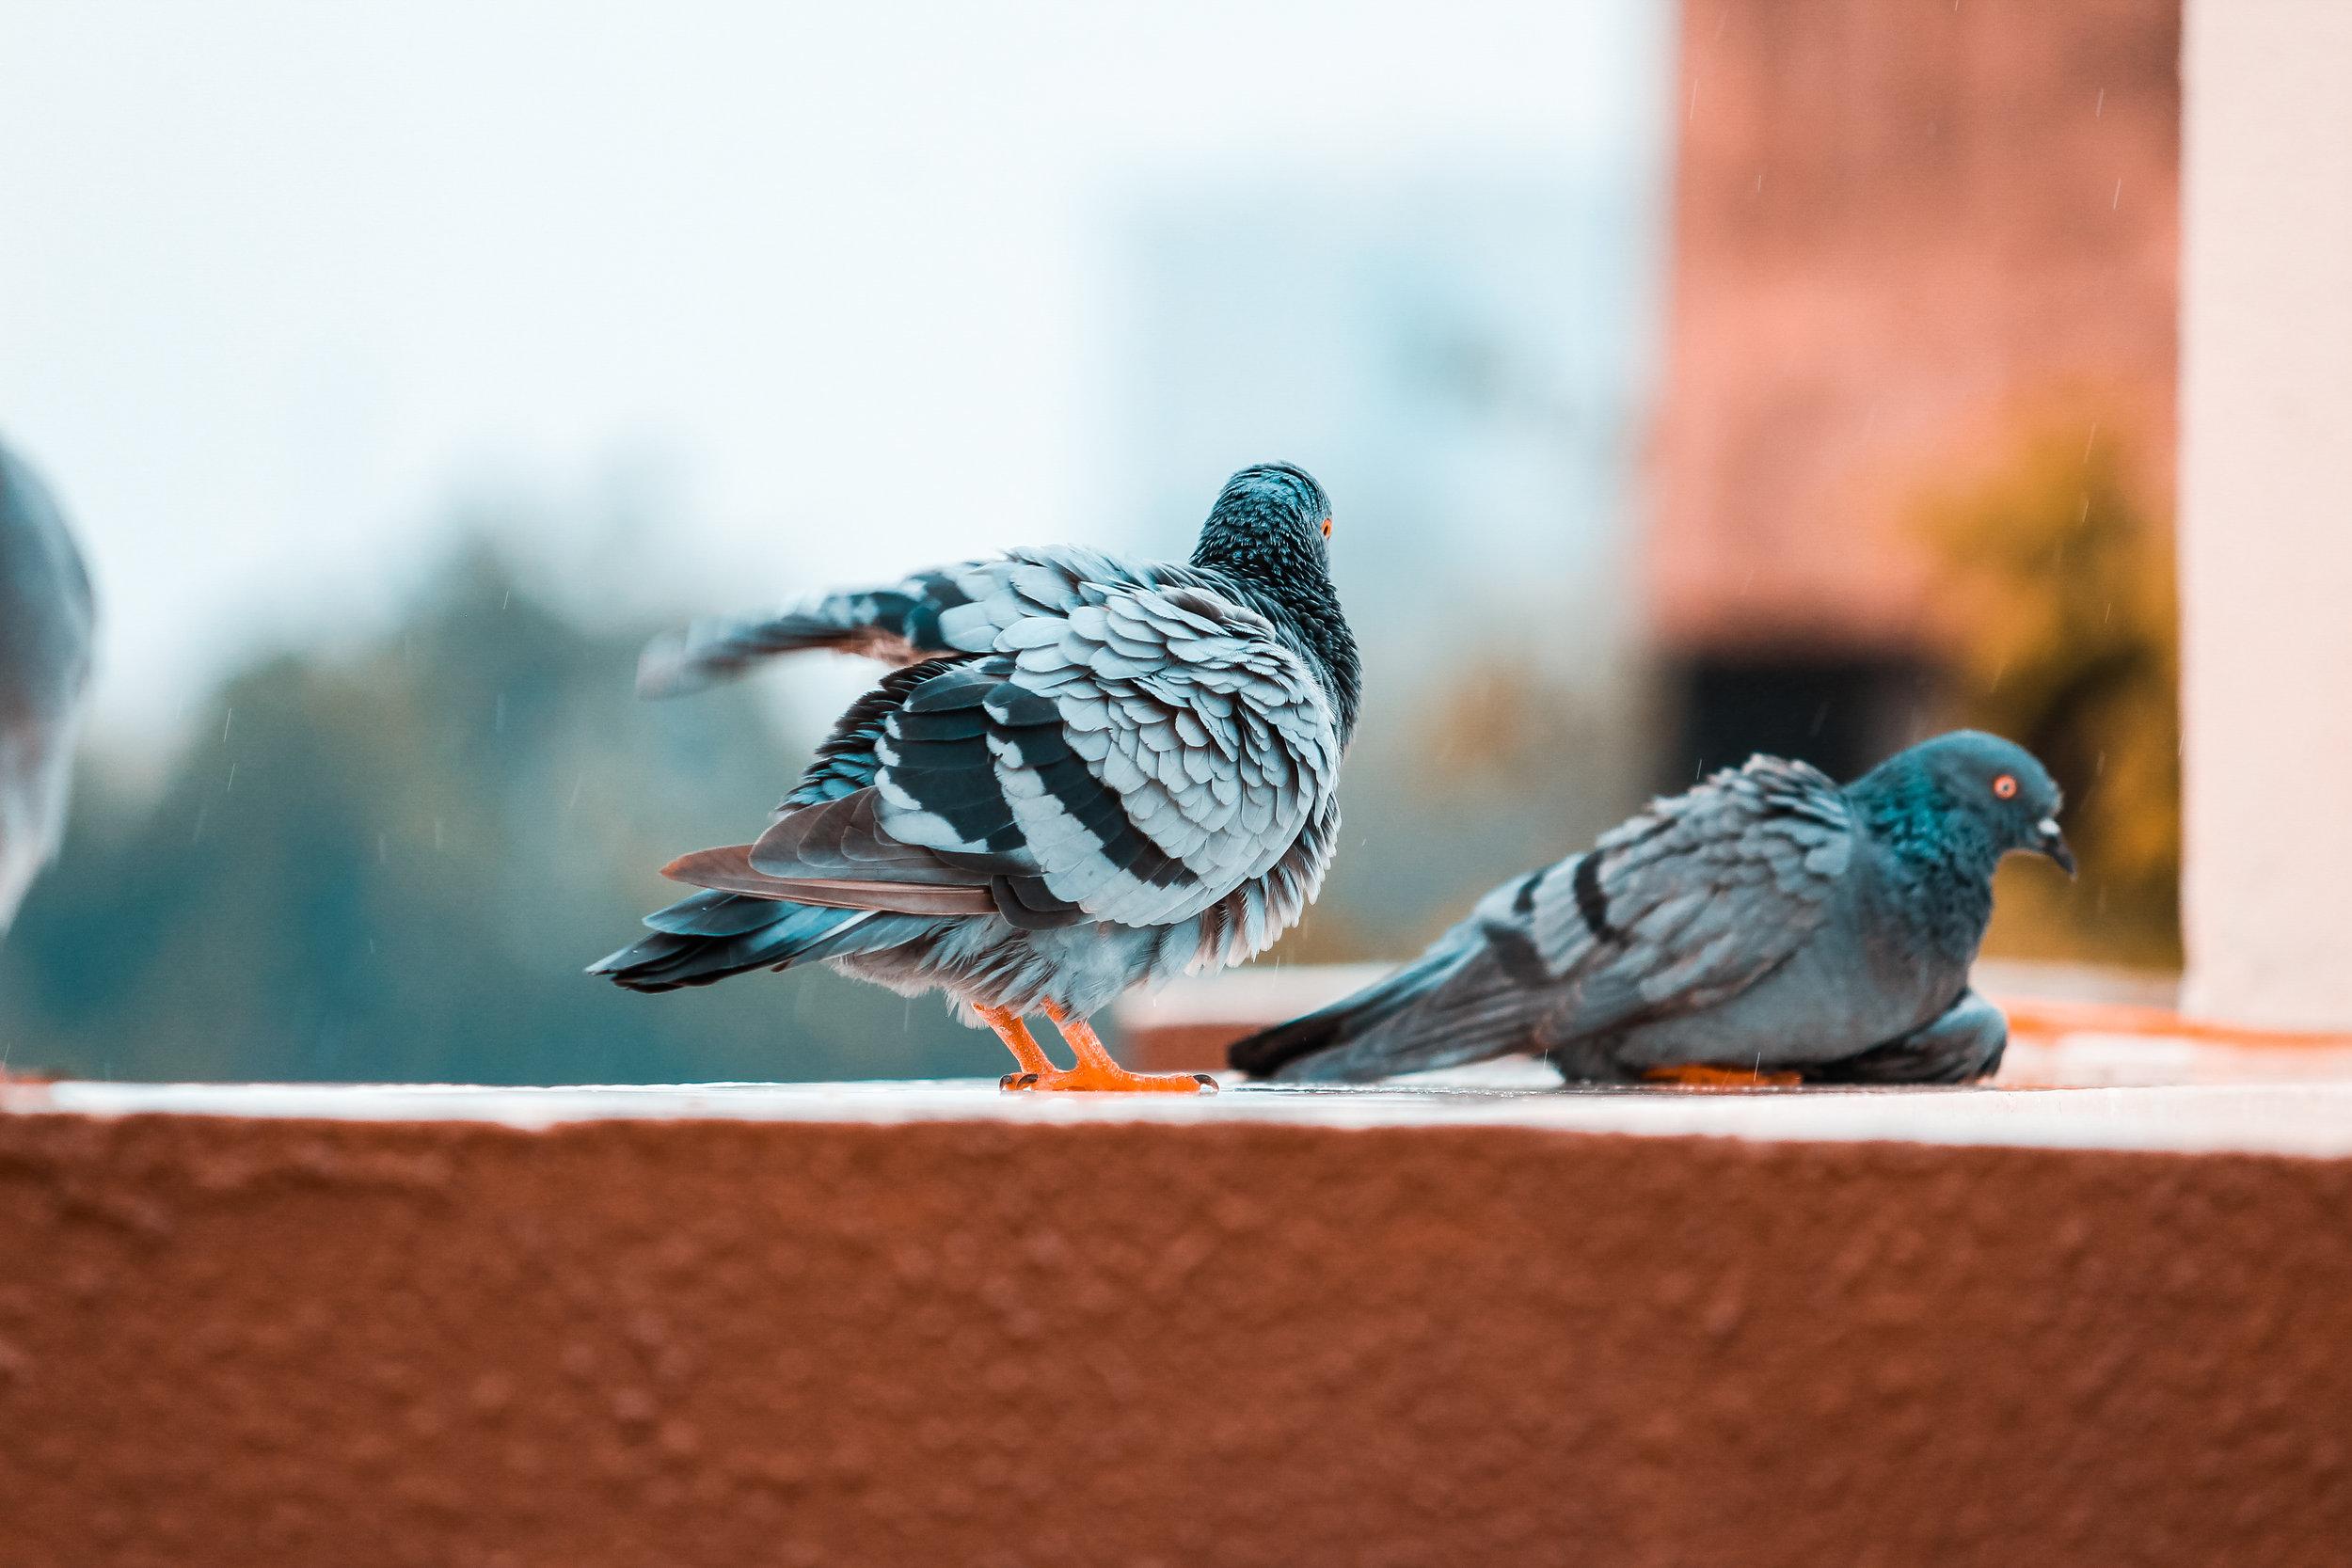 Zaradi teže in majhnosti lahko ptice zelo hitro zaužijejo preveliko količino zrelega sadja, ki vsebuje alkohol. Posledice so lahko usodne. Foto: Unsplash